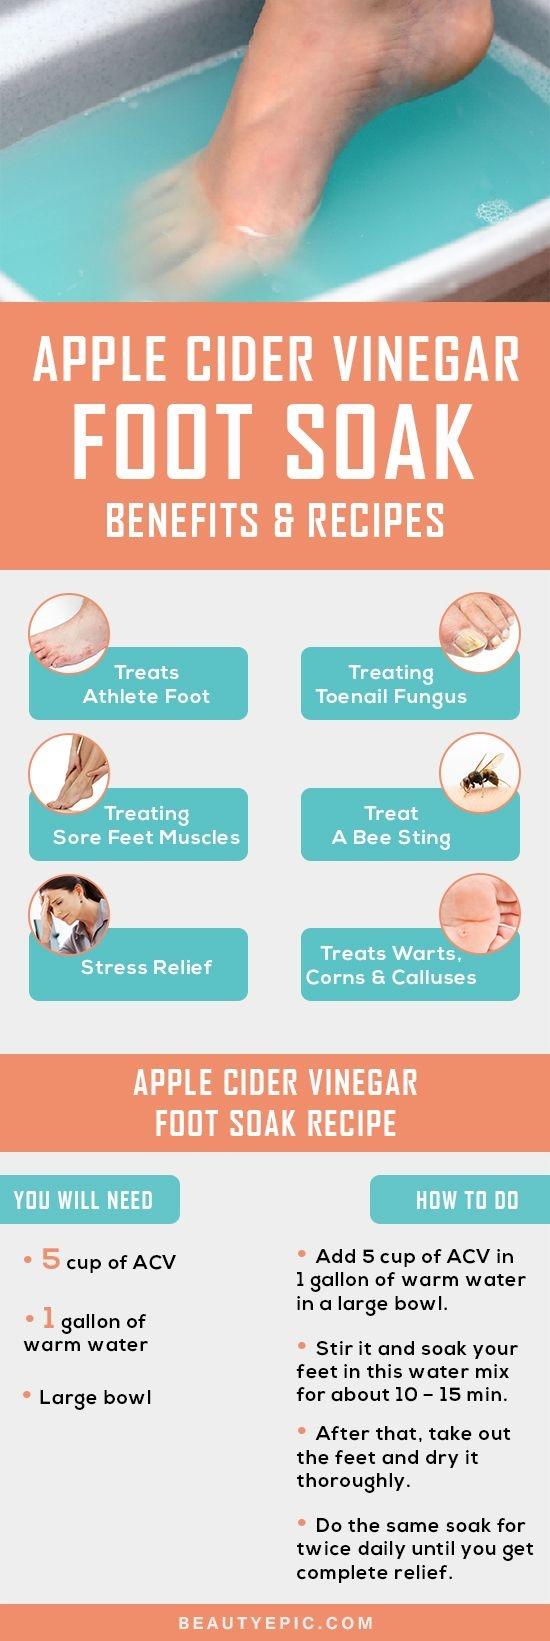 Apple Cider Vinegar Foot Soak Benefits and Recipes